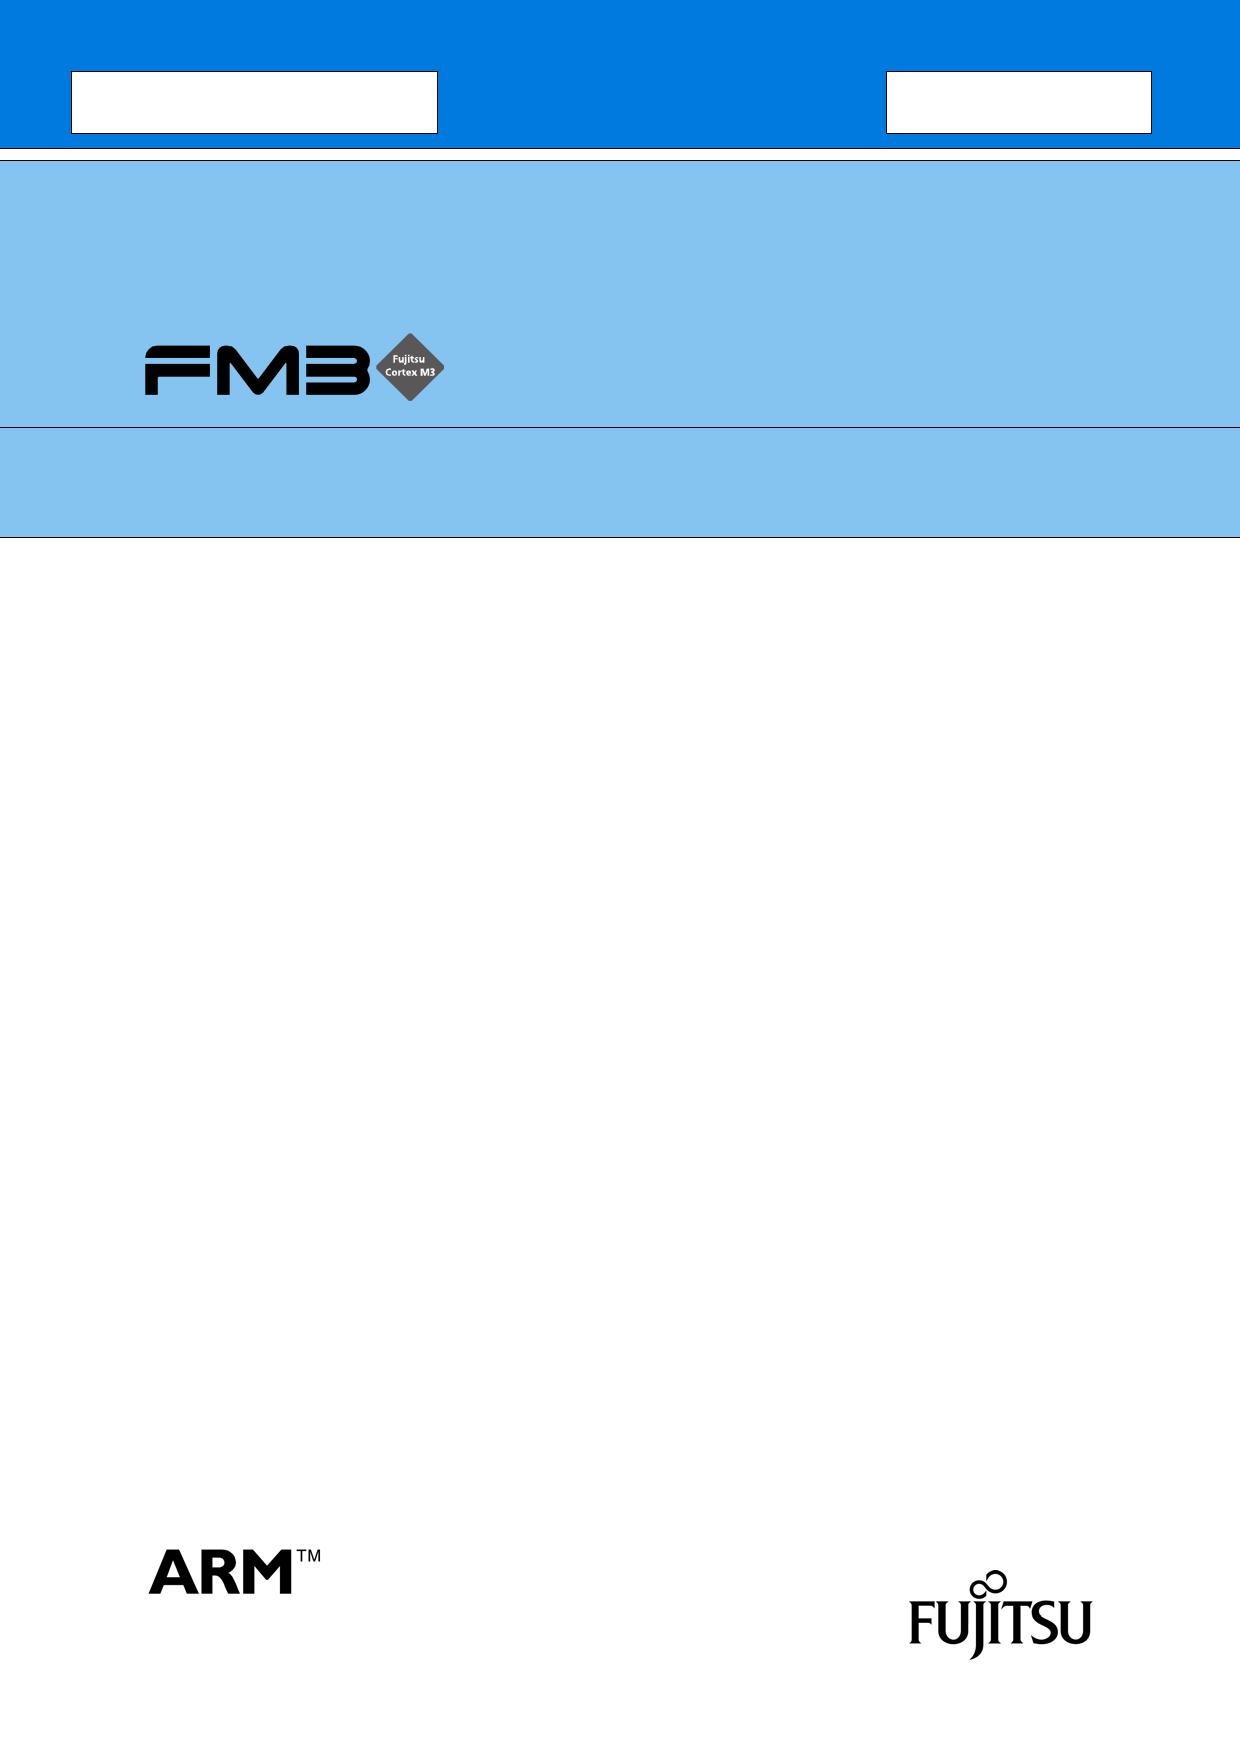 MB9BF321M 데이터시트 및 MB9BF321M PDF